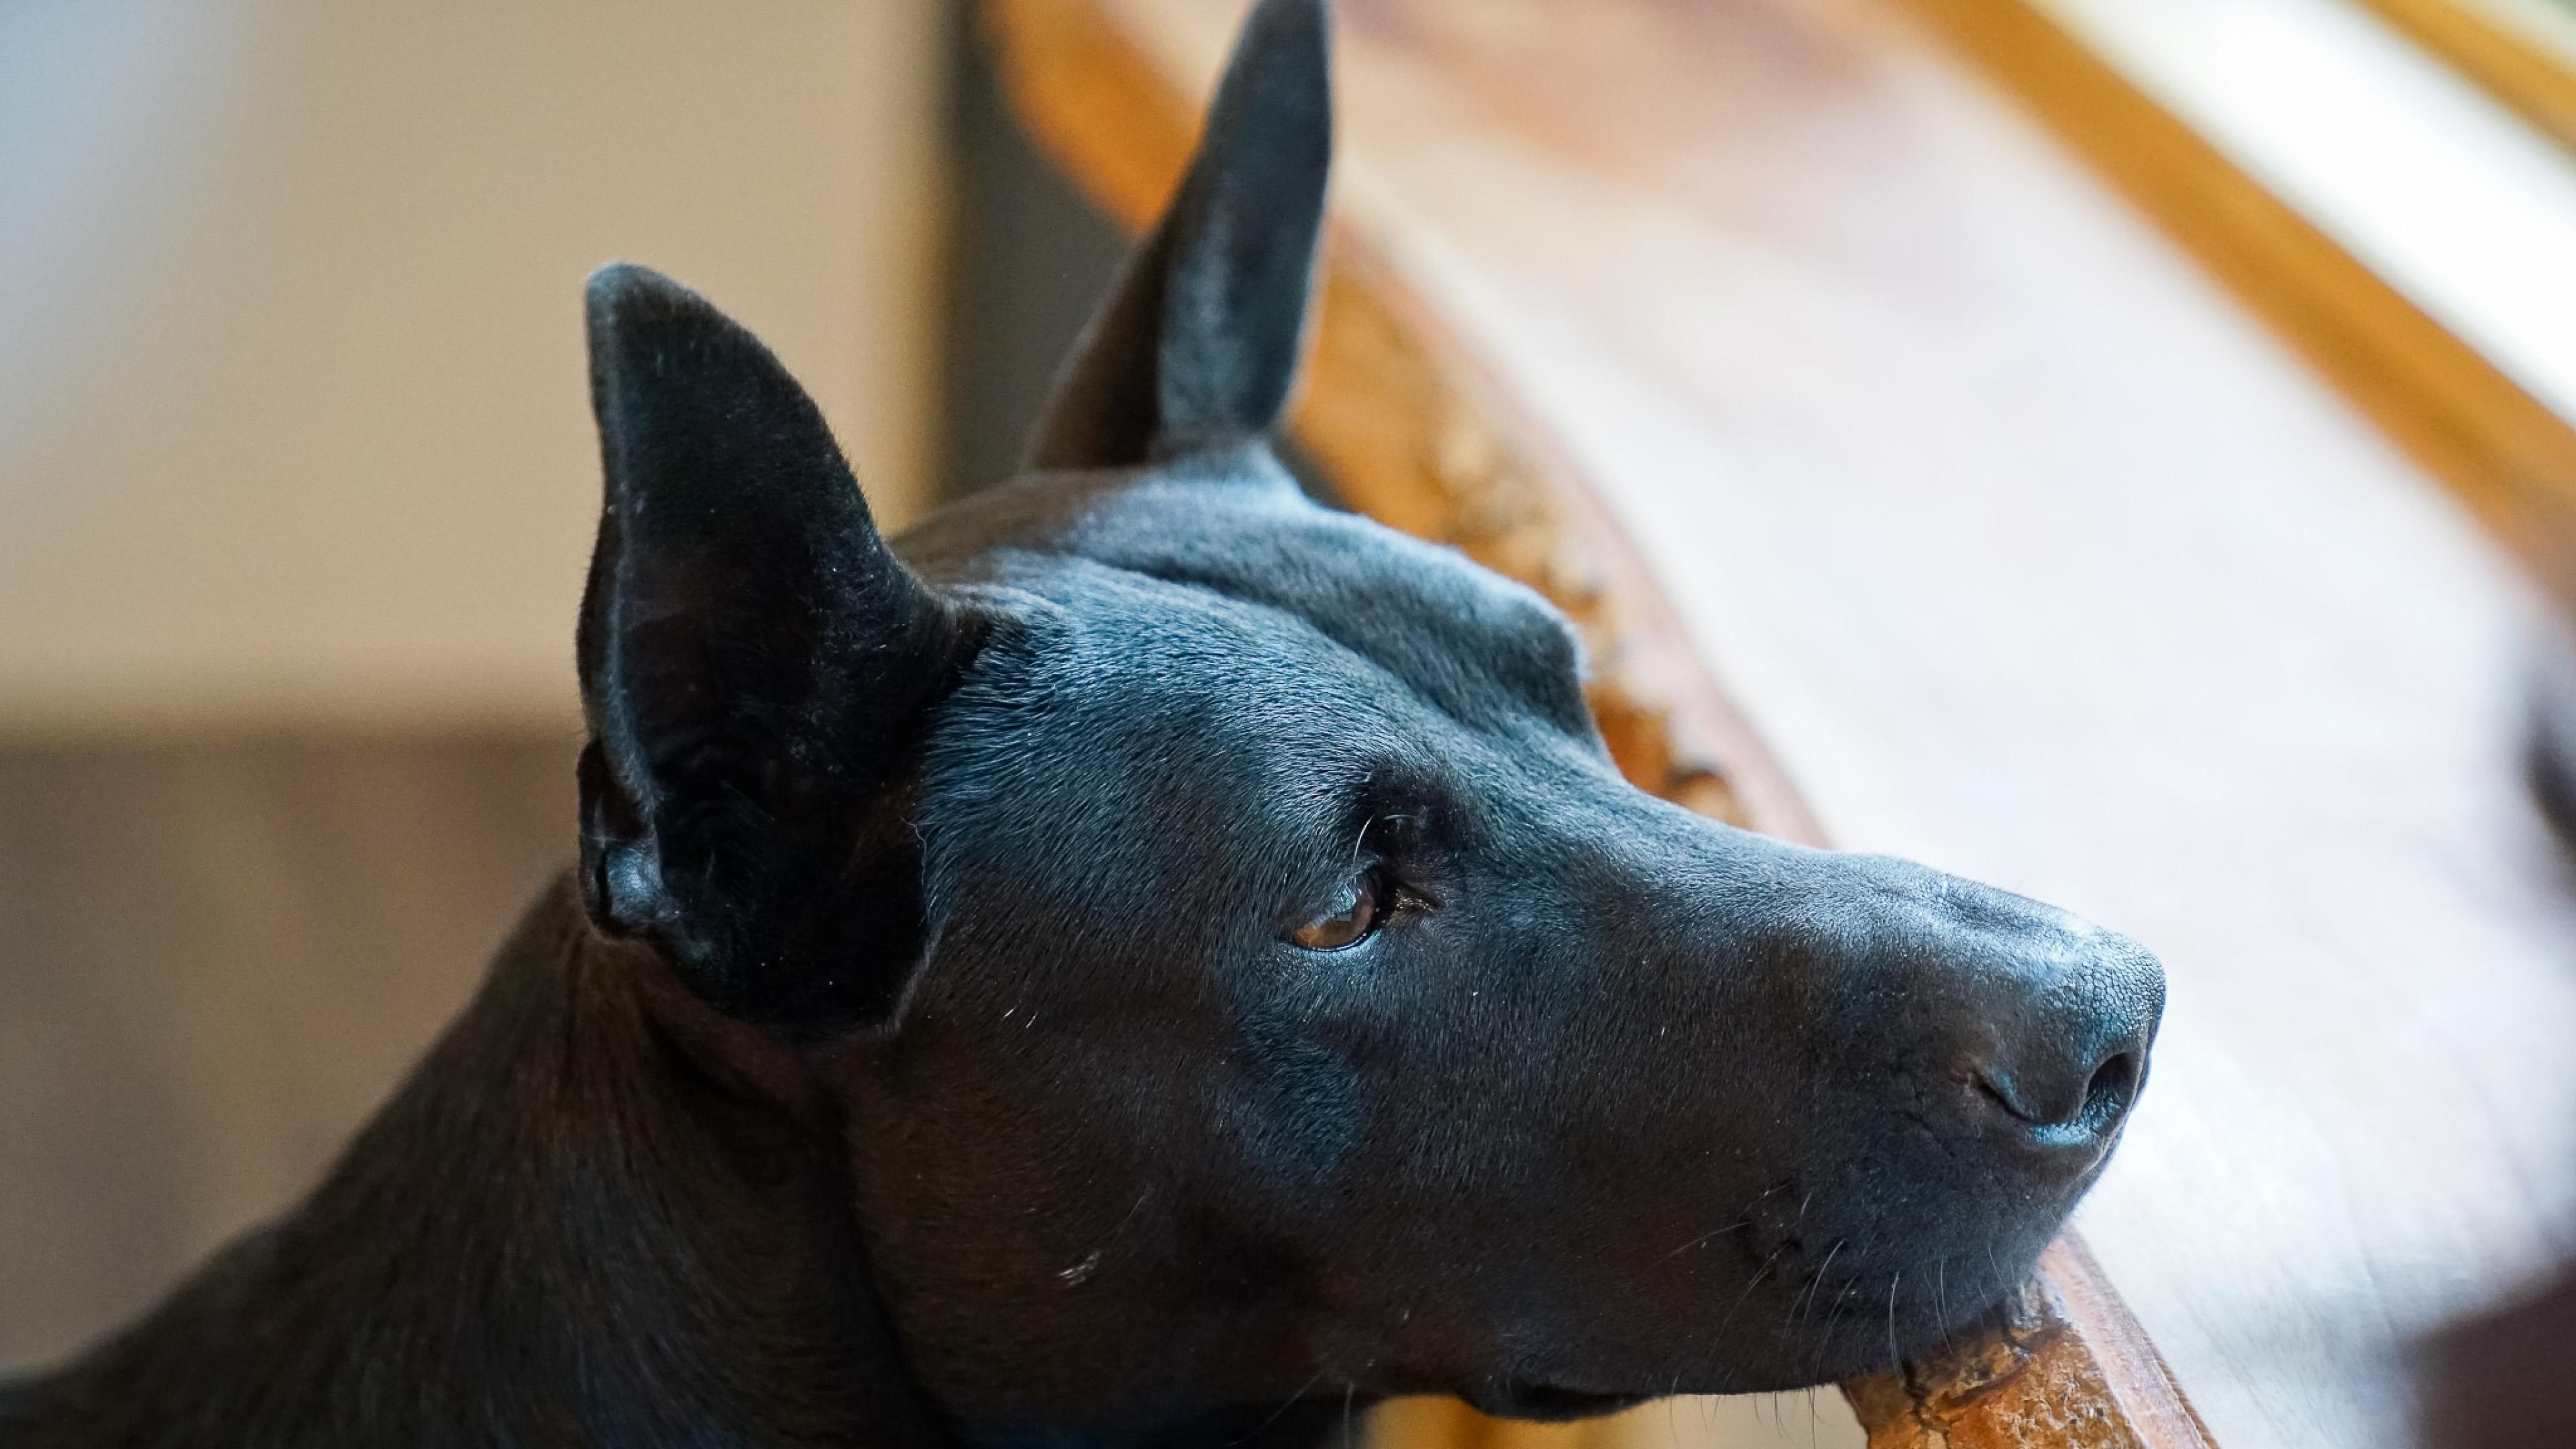 HDoboi.Kiev.ua - Черная собака смотрит в окно, обои собак hd